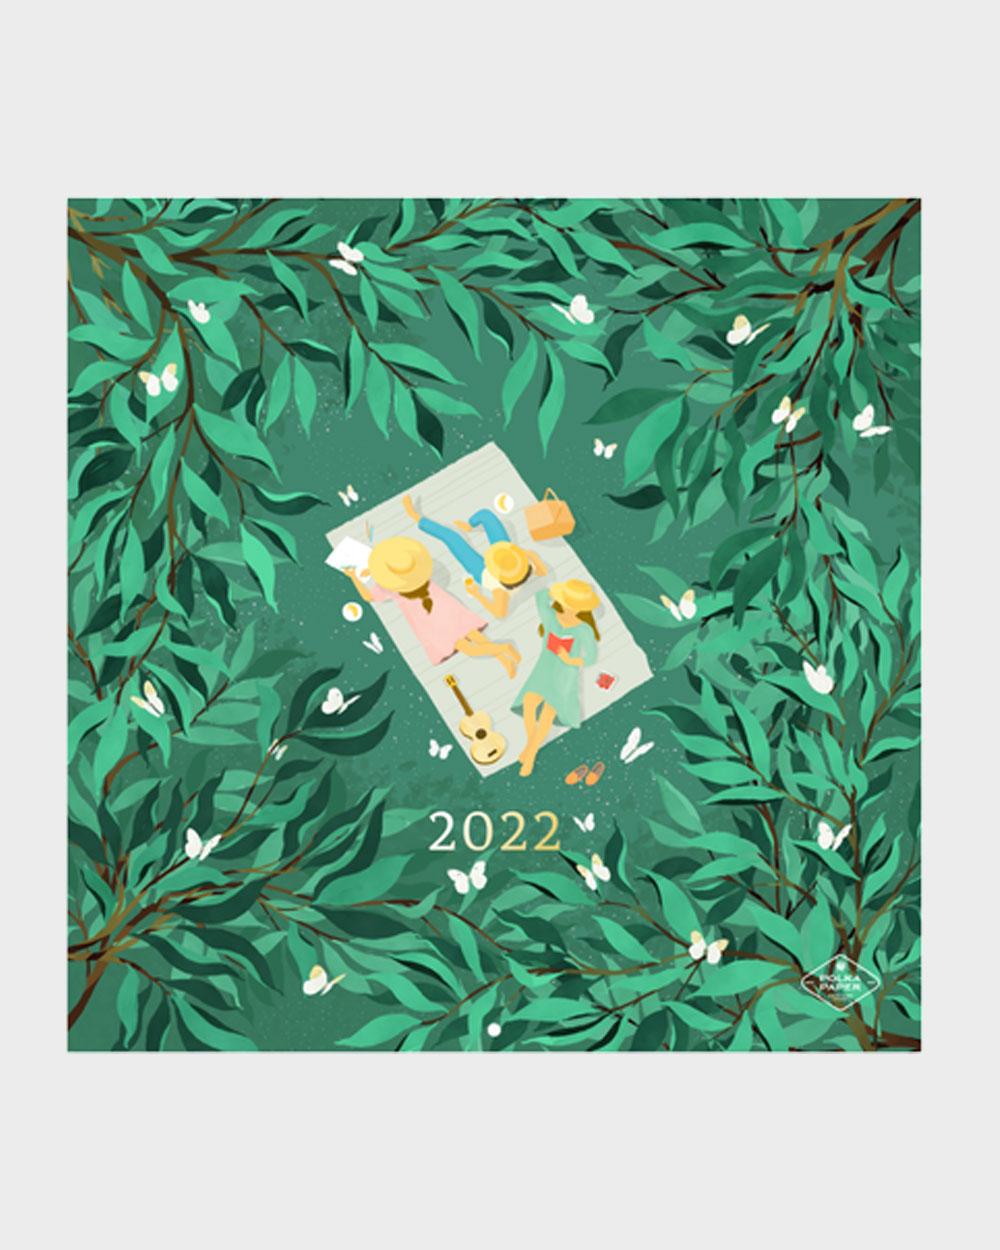 Polka Paper seinäkalenteri 2022 kansi